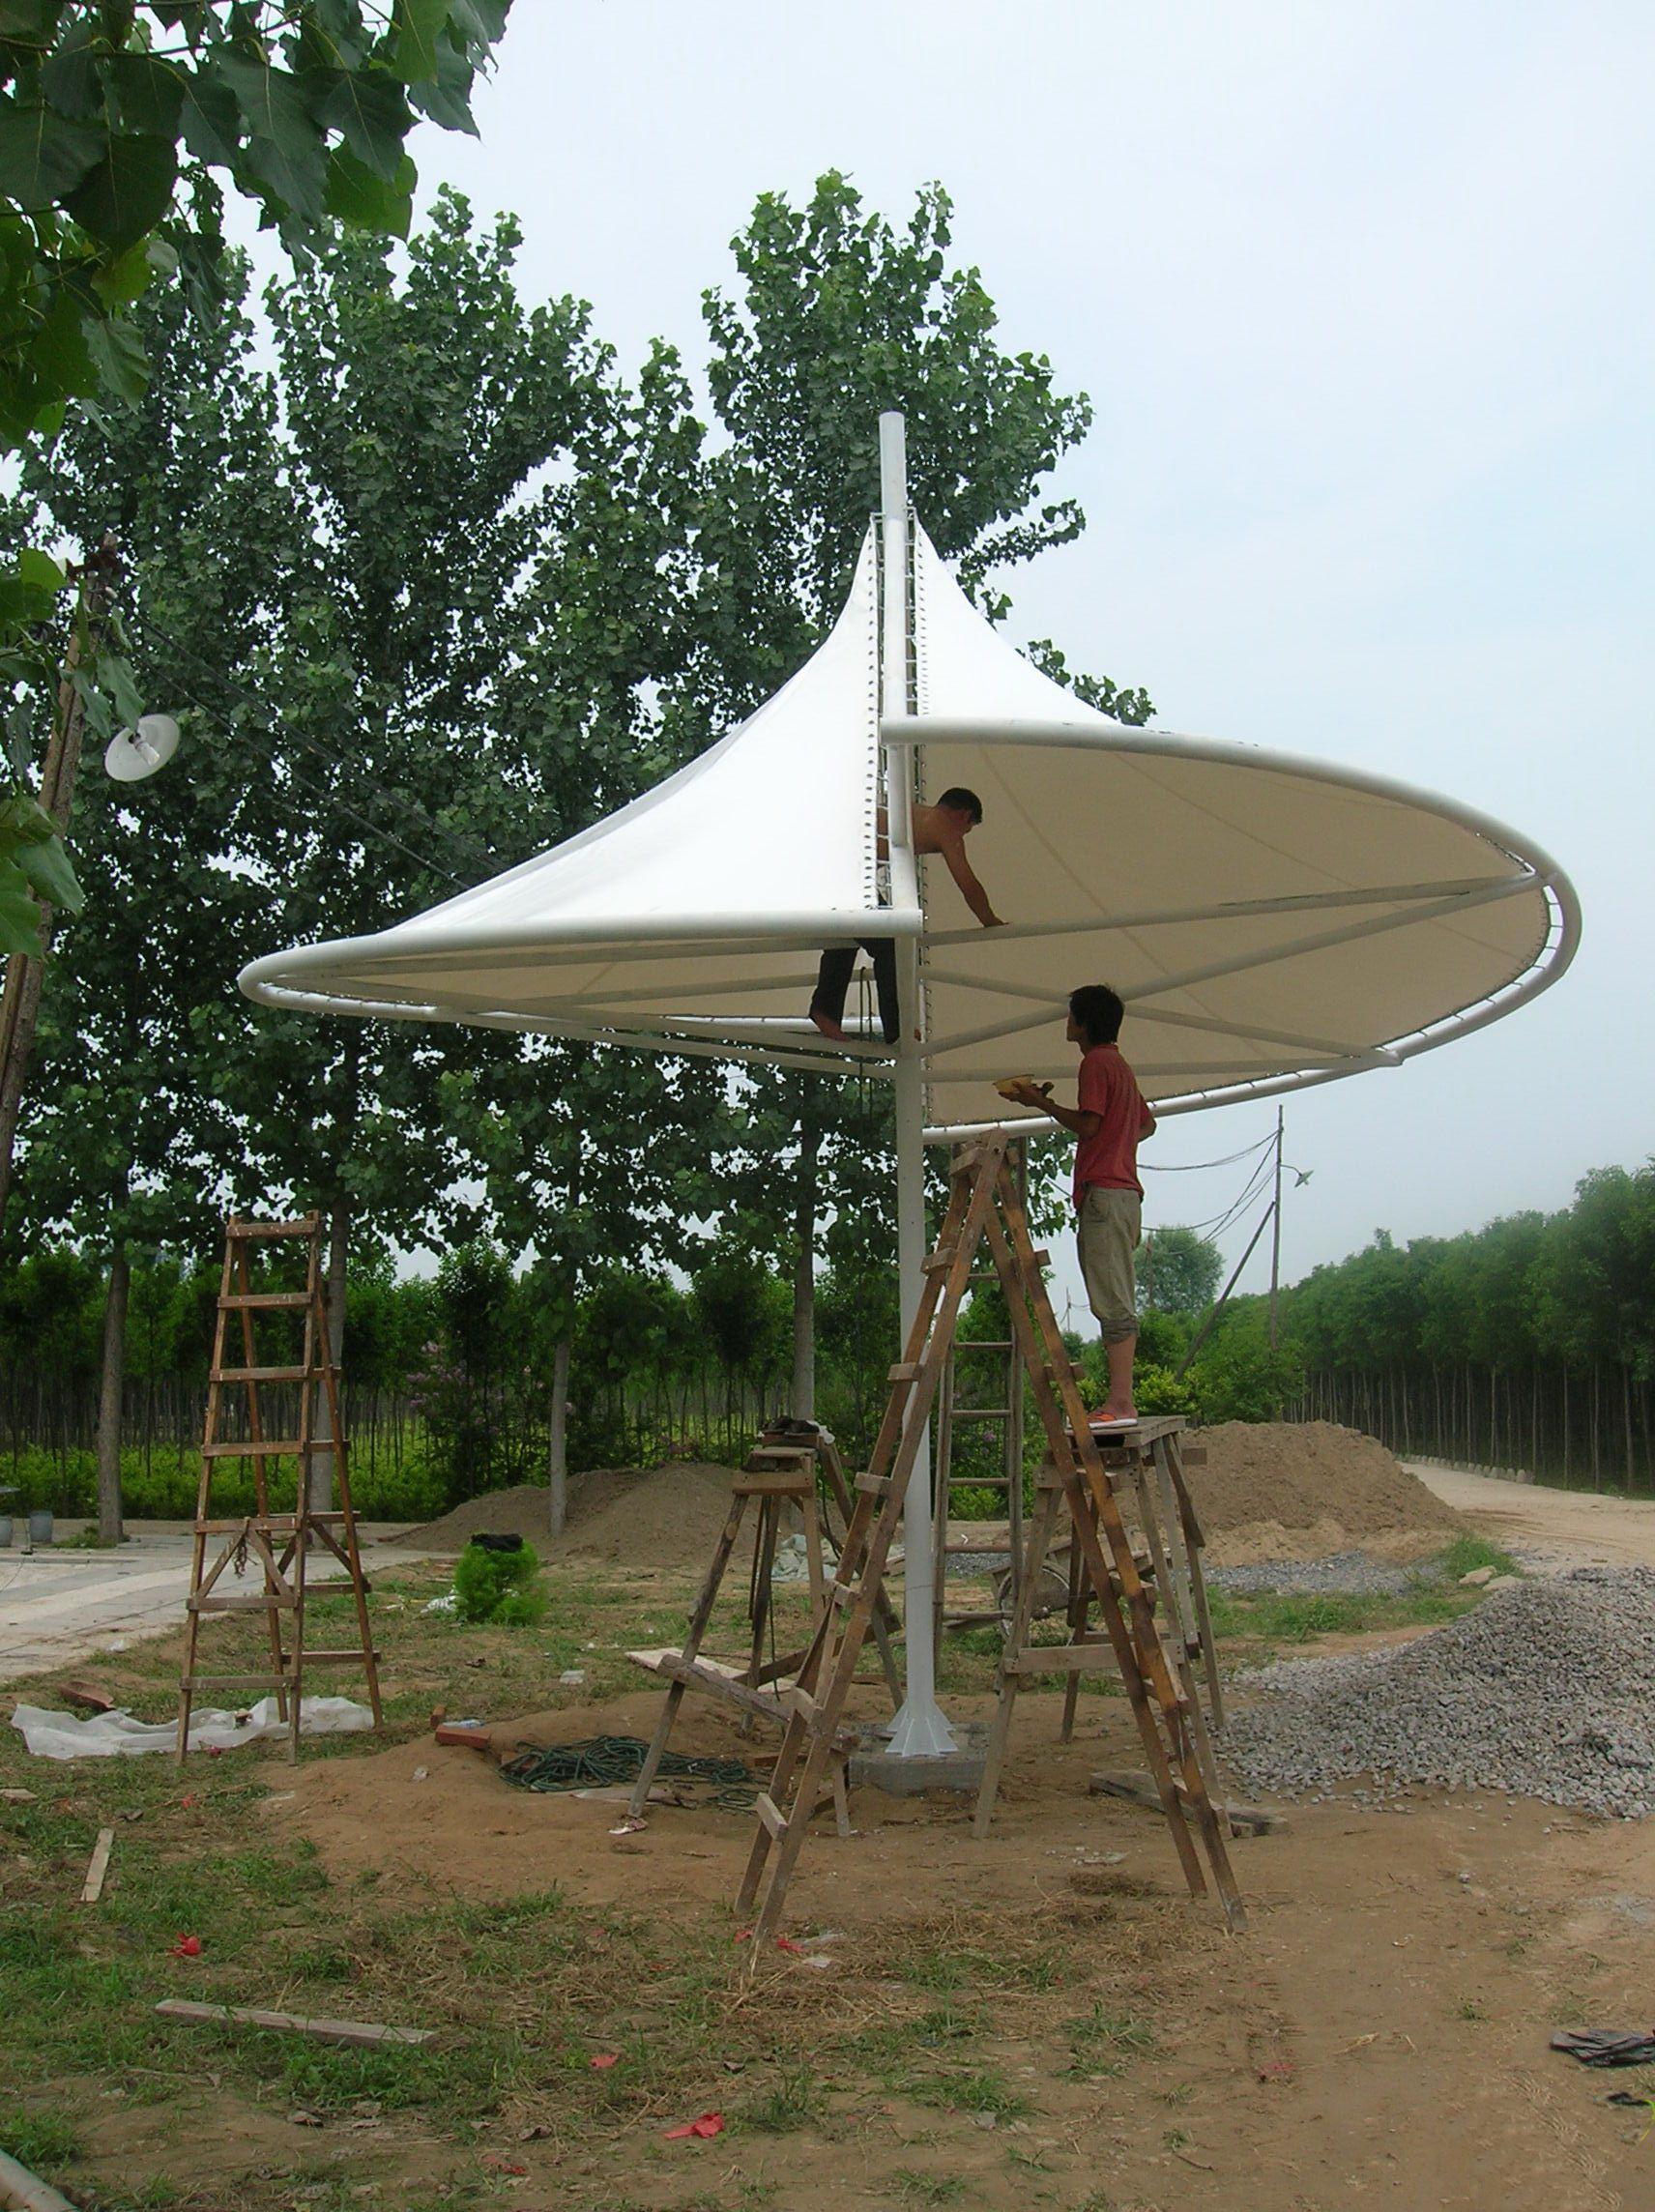 膜结构建筑伞 膜结构建筑遮阳伞 产品演示图1